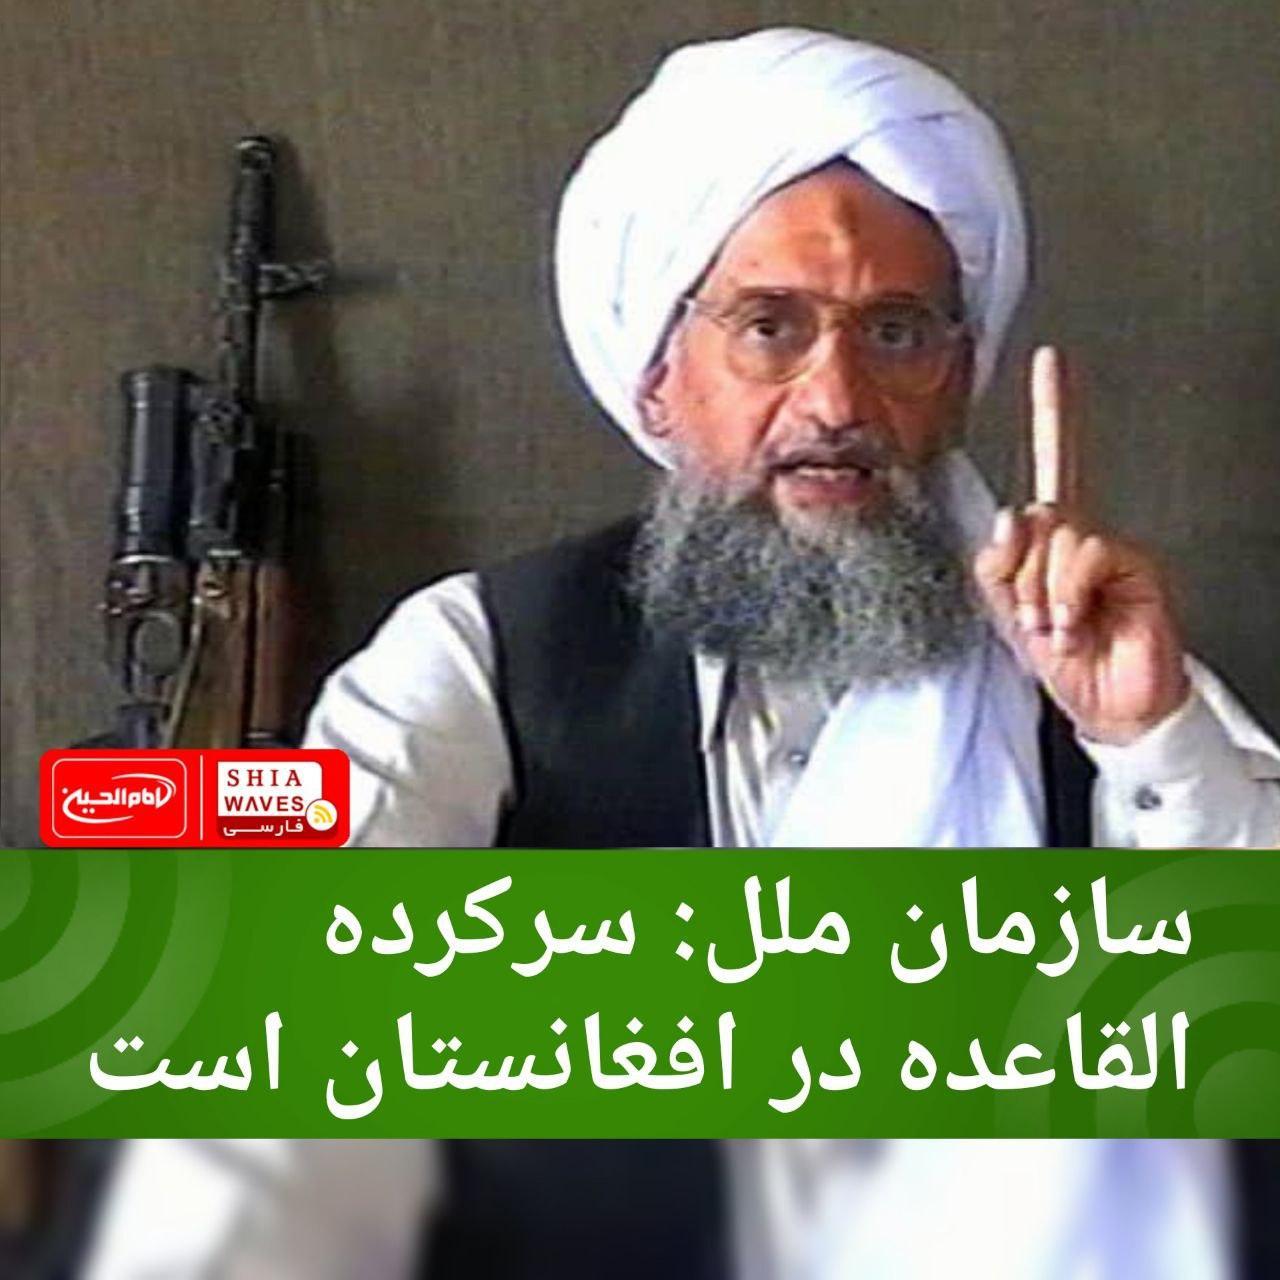 تصویر سازمان ملل: سرکرده القاعده در افغانستان است